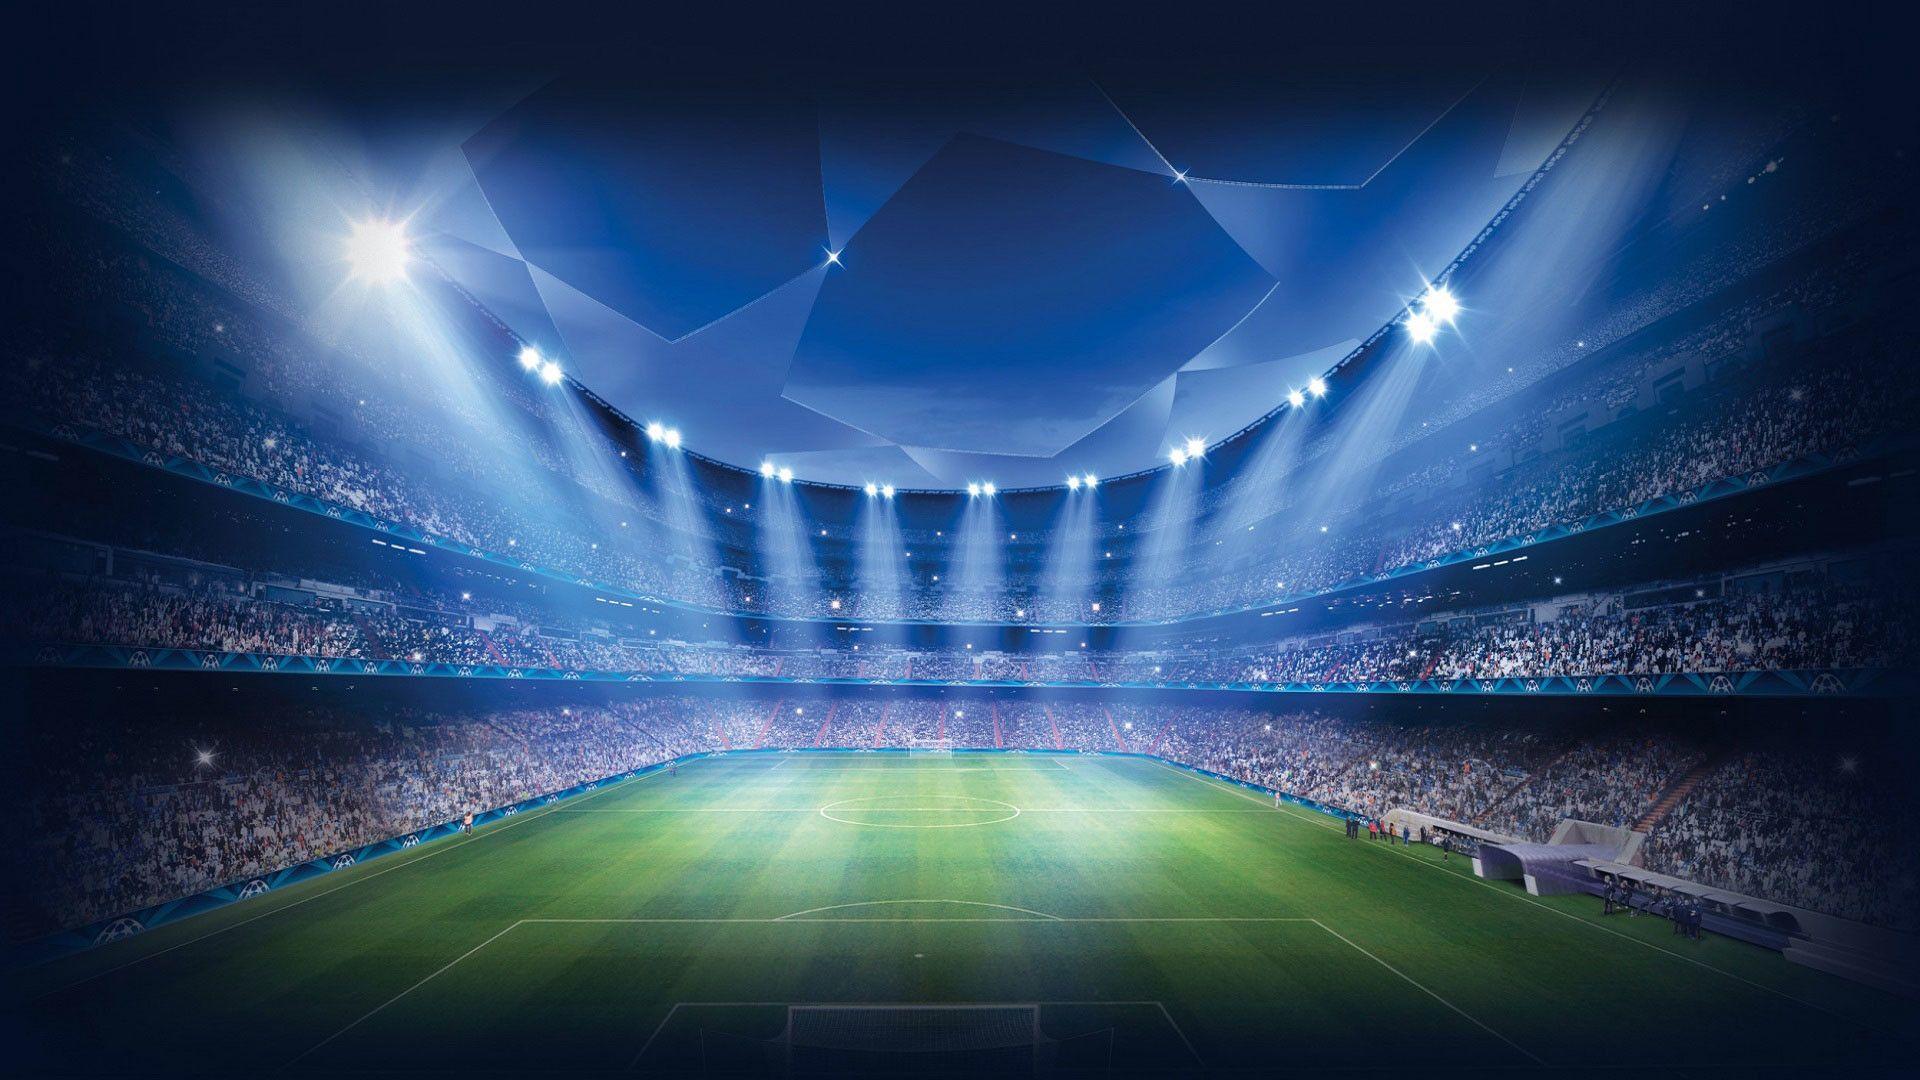 Amazing Sports Background Images 1920x1080 Stadium Wallpaper Football Wallpaper Sports Wallpapers